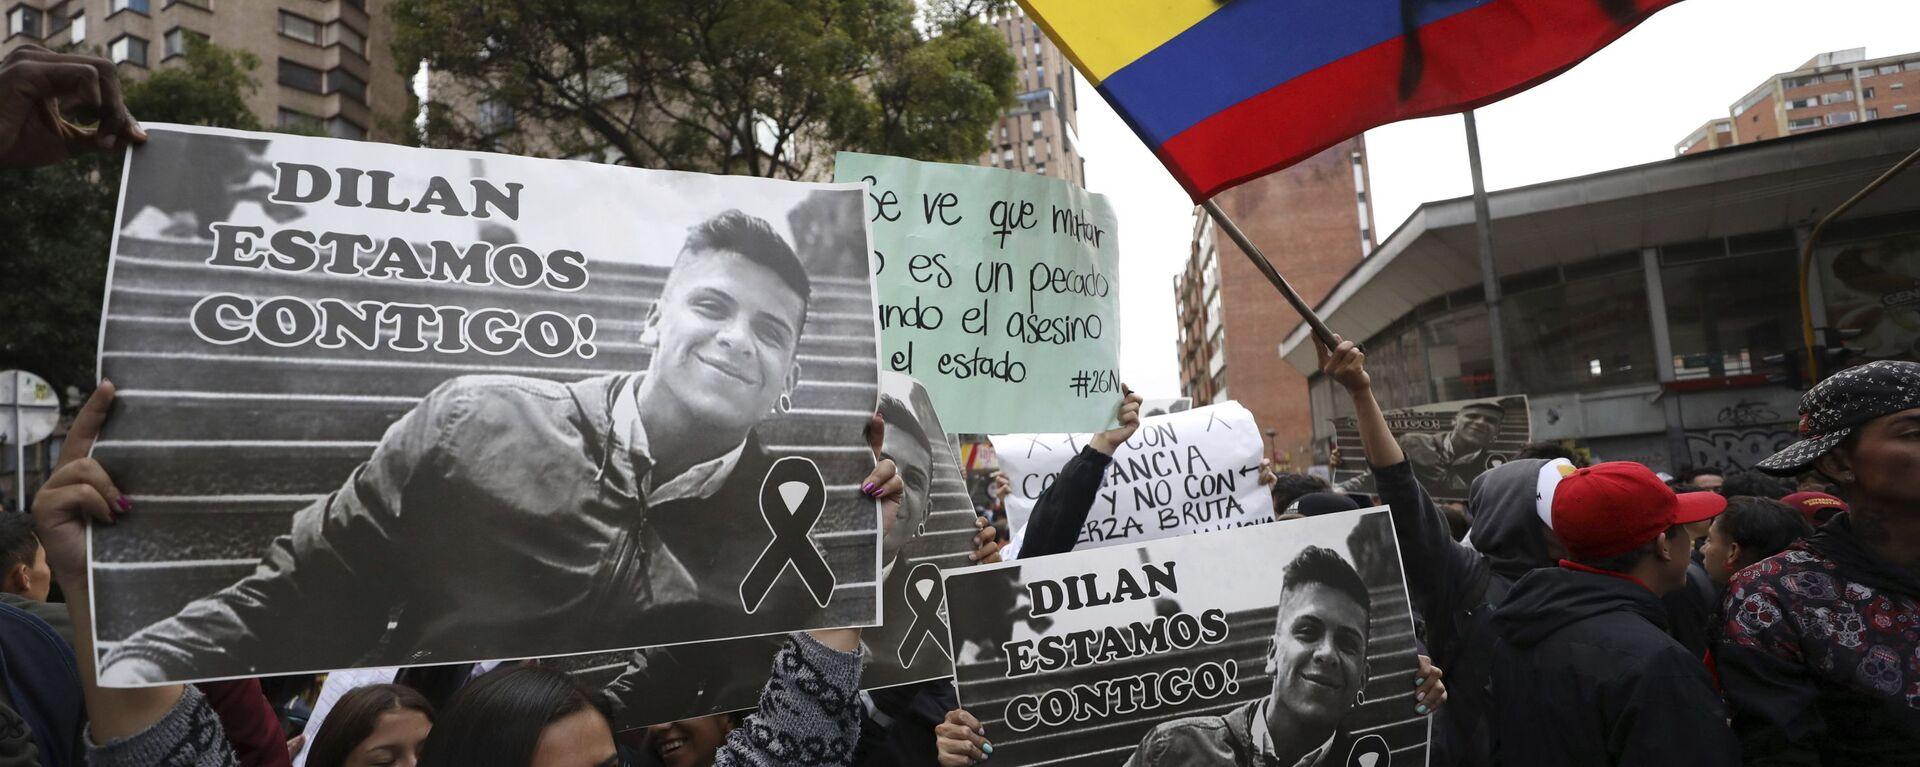 Jóvenes manifestándose por el joven Dilan Cruz en Colombia en 2019 - Sputnik Mundo, 1920, 18.06.2021